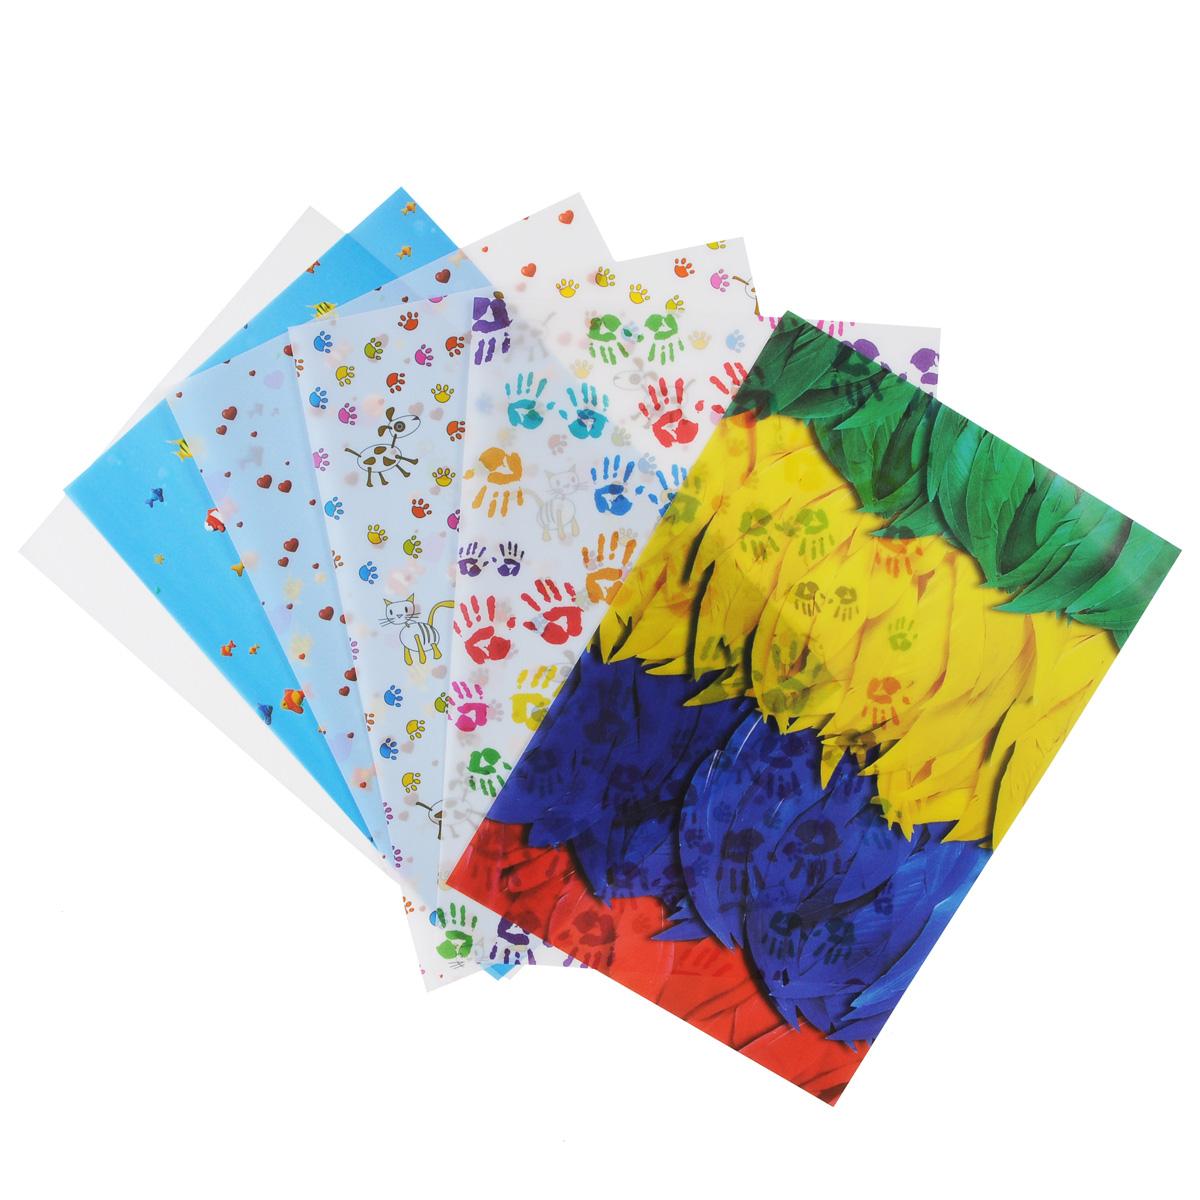 Транспарентная бумага Folia Молодость, 23 x 33 см, 5 листов55052Транспарентная бумага Folia Молодость - полупрозрачная бумага с различными красивыми изображениями. Используется для изготовления открыток, для скрапбукинга и других декоративных или дизайнерских работ. Бумага прекрасно держит форму, не пачкает руки, отлично крепится. Конструирование из транспарентной бумаги - необходимый для развития детей процесс. Во время занятия аппликацией ребенок сумеет разработать четкость движений, ловкость пальцев, аккуратность и внимательность. Кроме того, транспарентная бумага позволит разнообразить идеи ребенка при создании творческих работ.